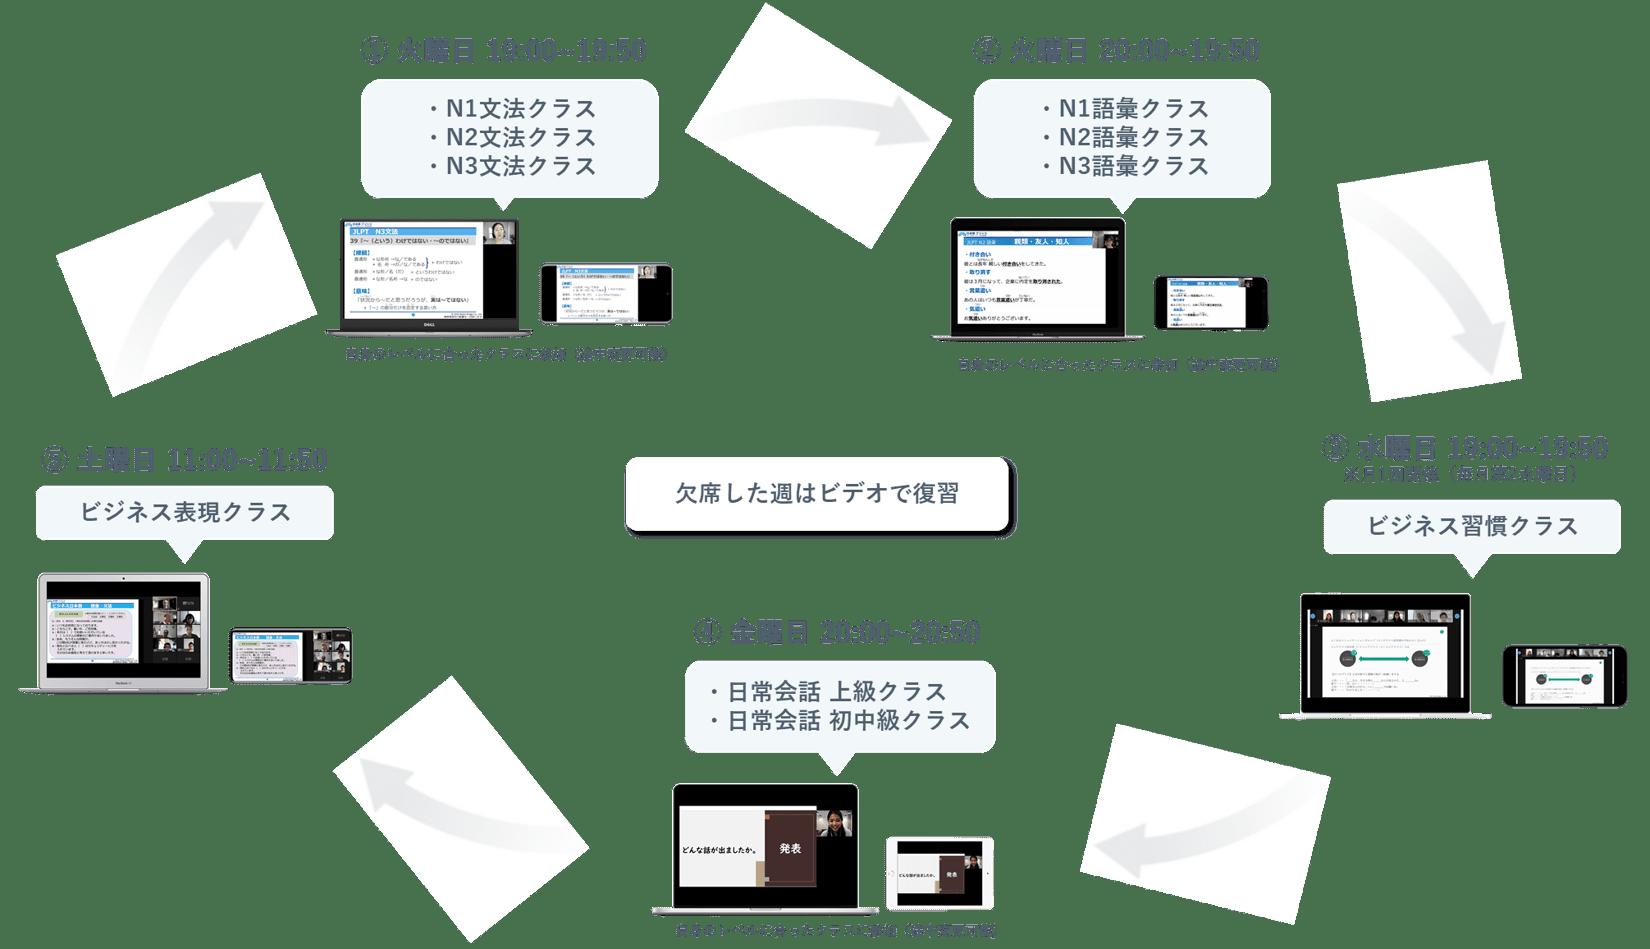 毎週決まった曜日・時間に開講される日本語ライブレッスンに参加して学習を進め、月1回のテストで定着を促進